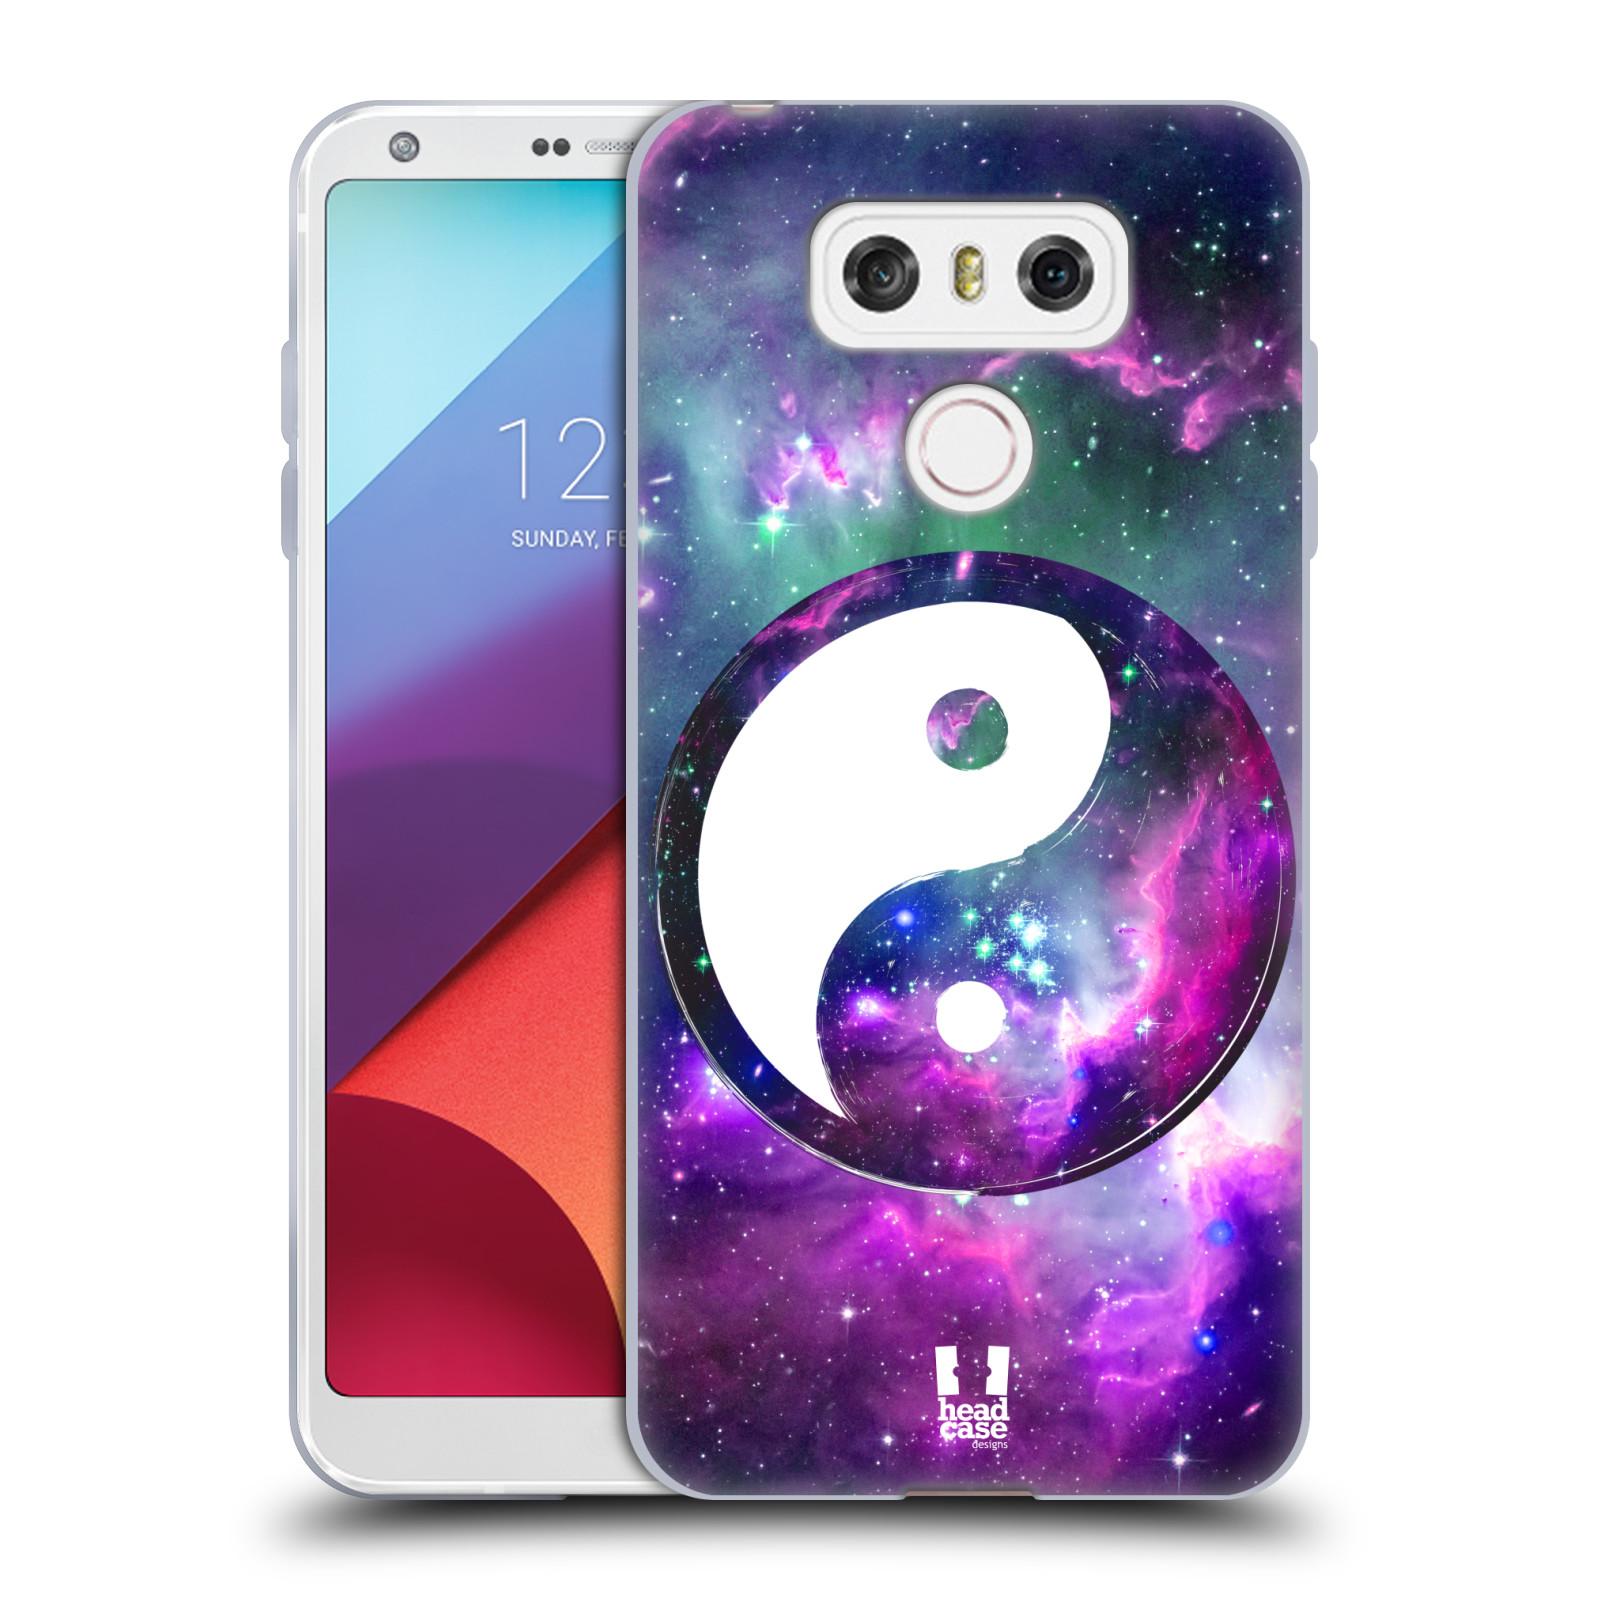 Silikonové pouzdro na mobil LG G6 - Head Case YIn a Yang PURPLE (Silikonový kryt či obal na mobilní telefon LG G6 H870 / LG G6 Dual SIM H870DS)